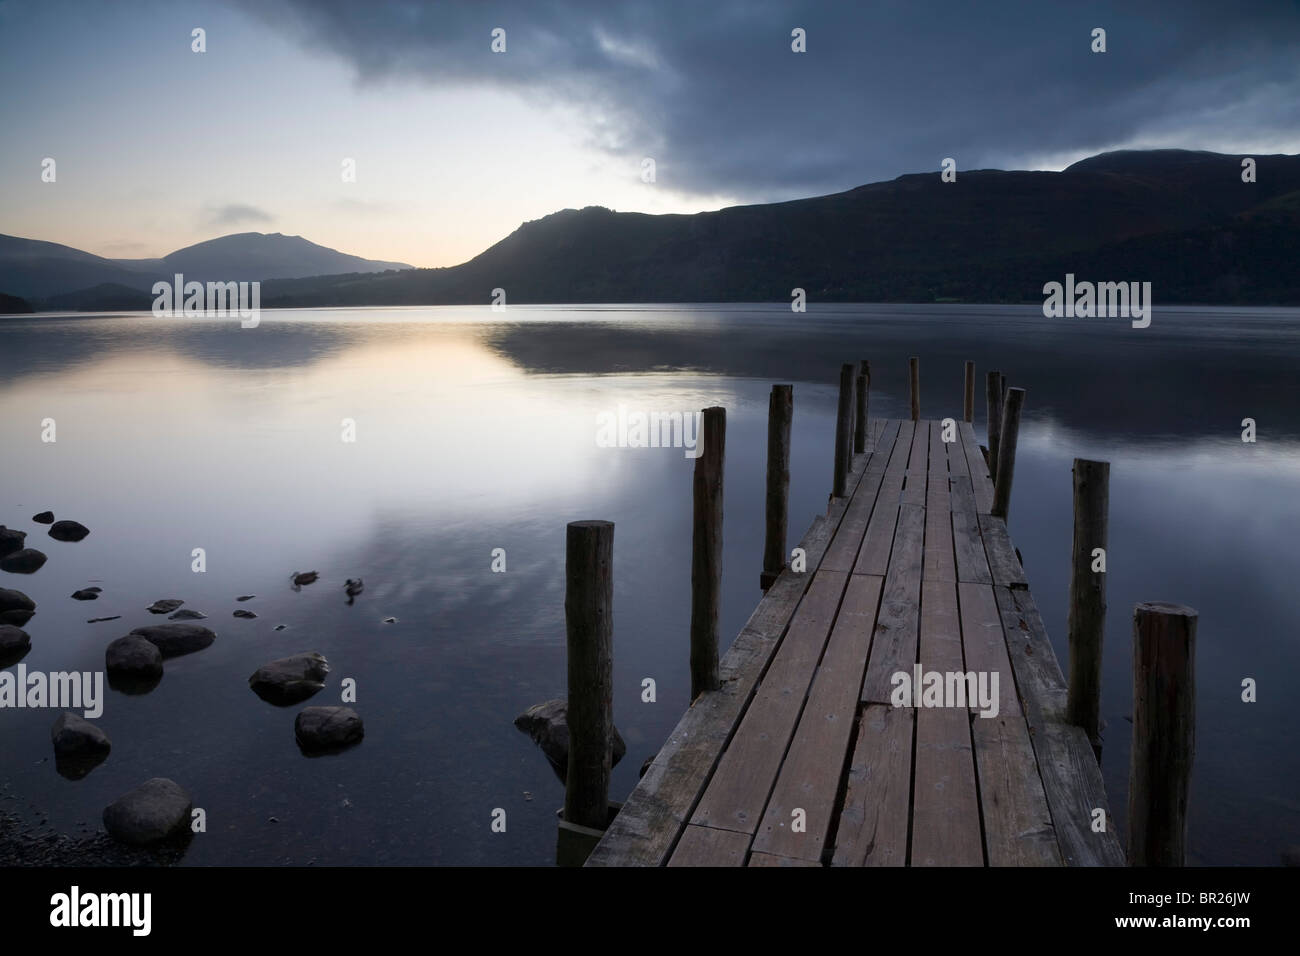 Pier or Landing Stage, Derwent Water, Lake District, UK - Stock Image